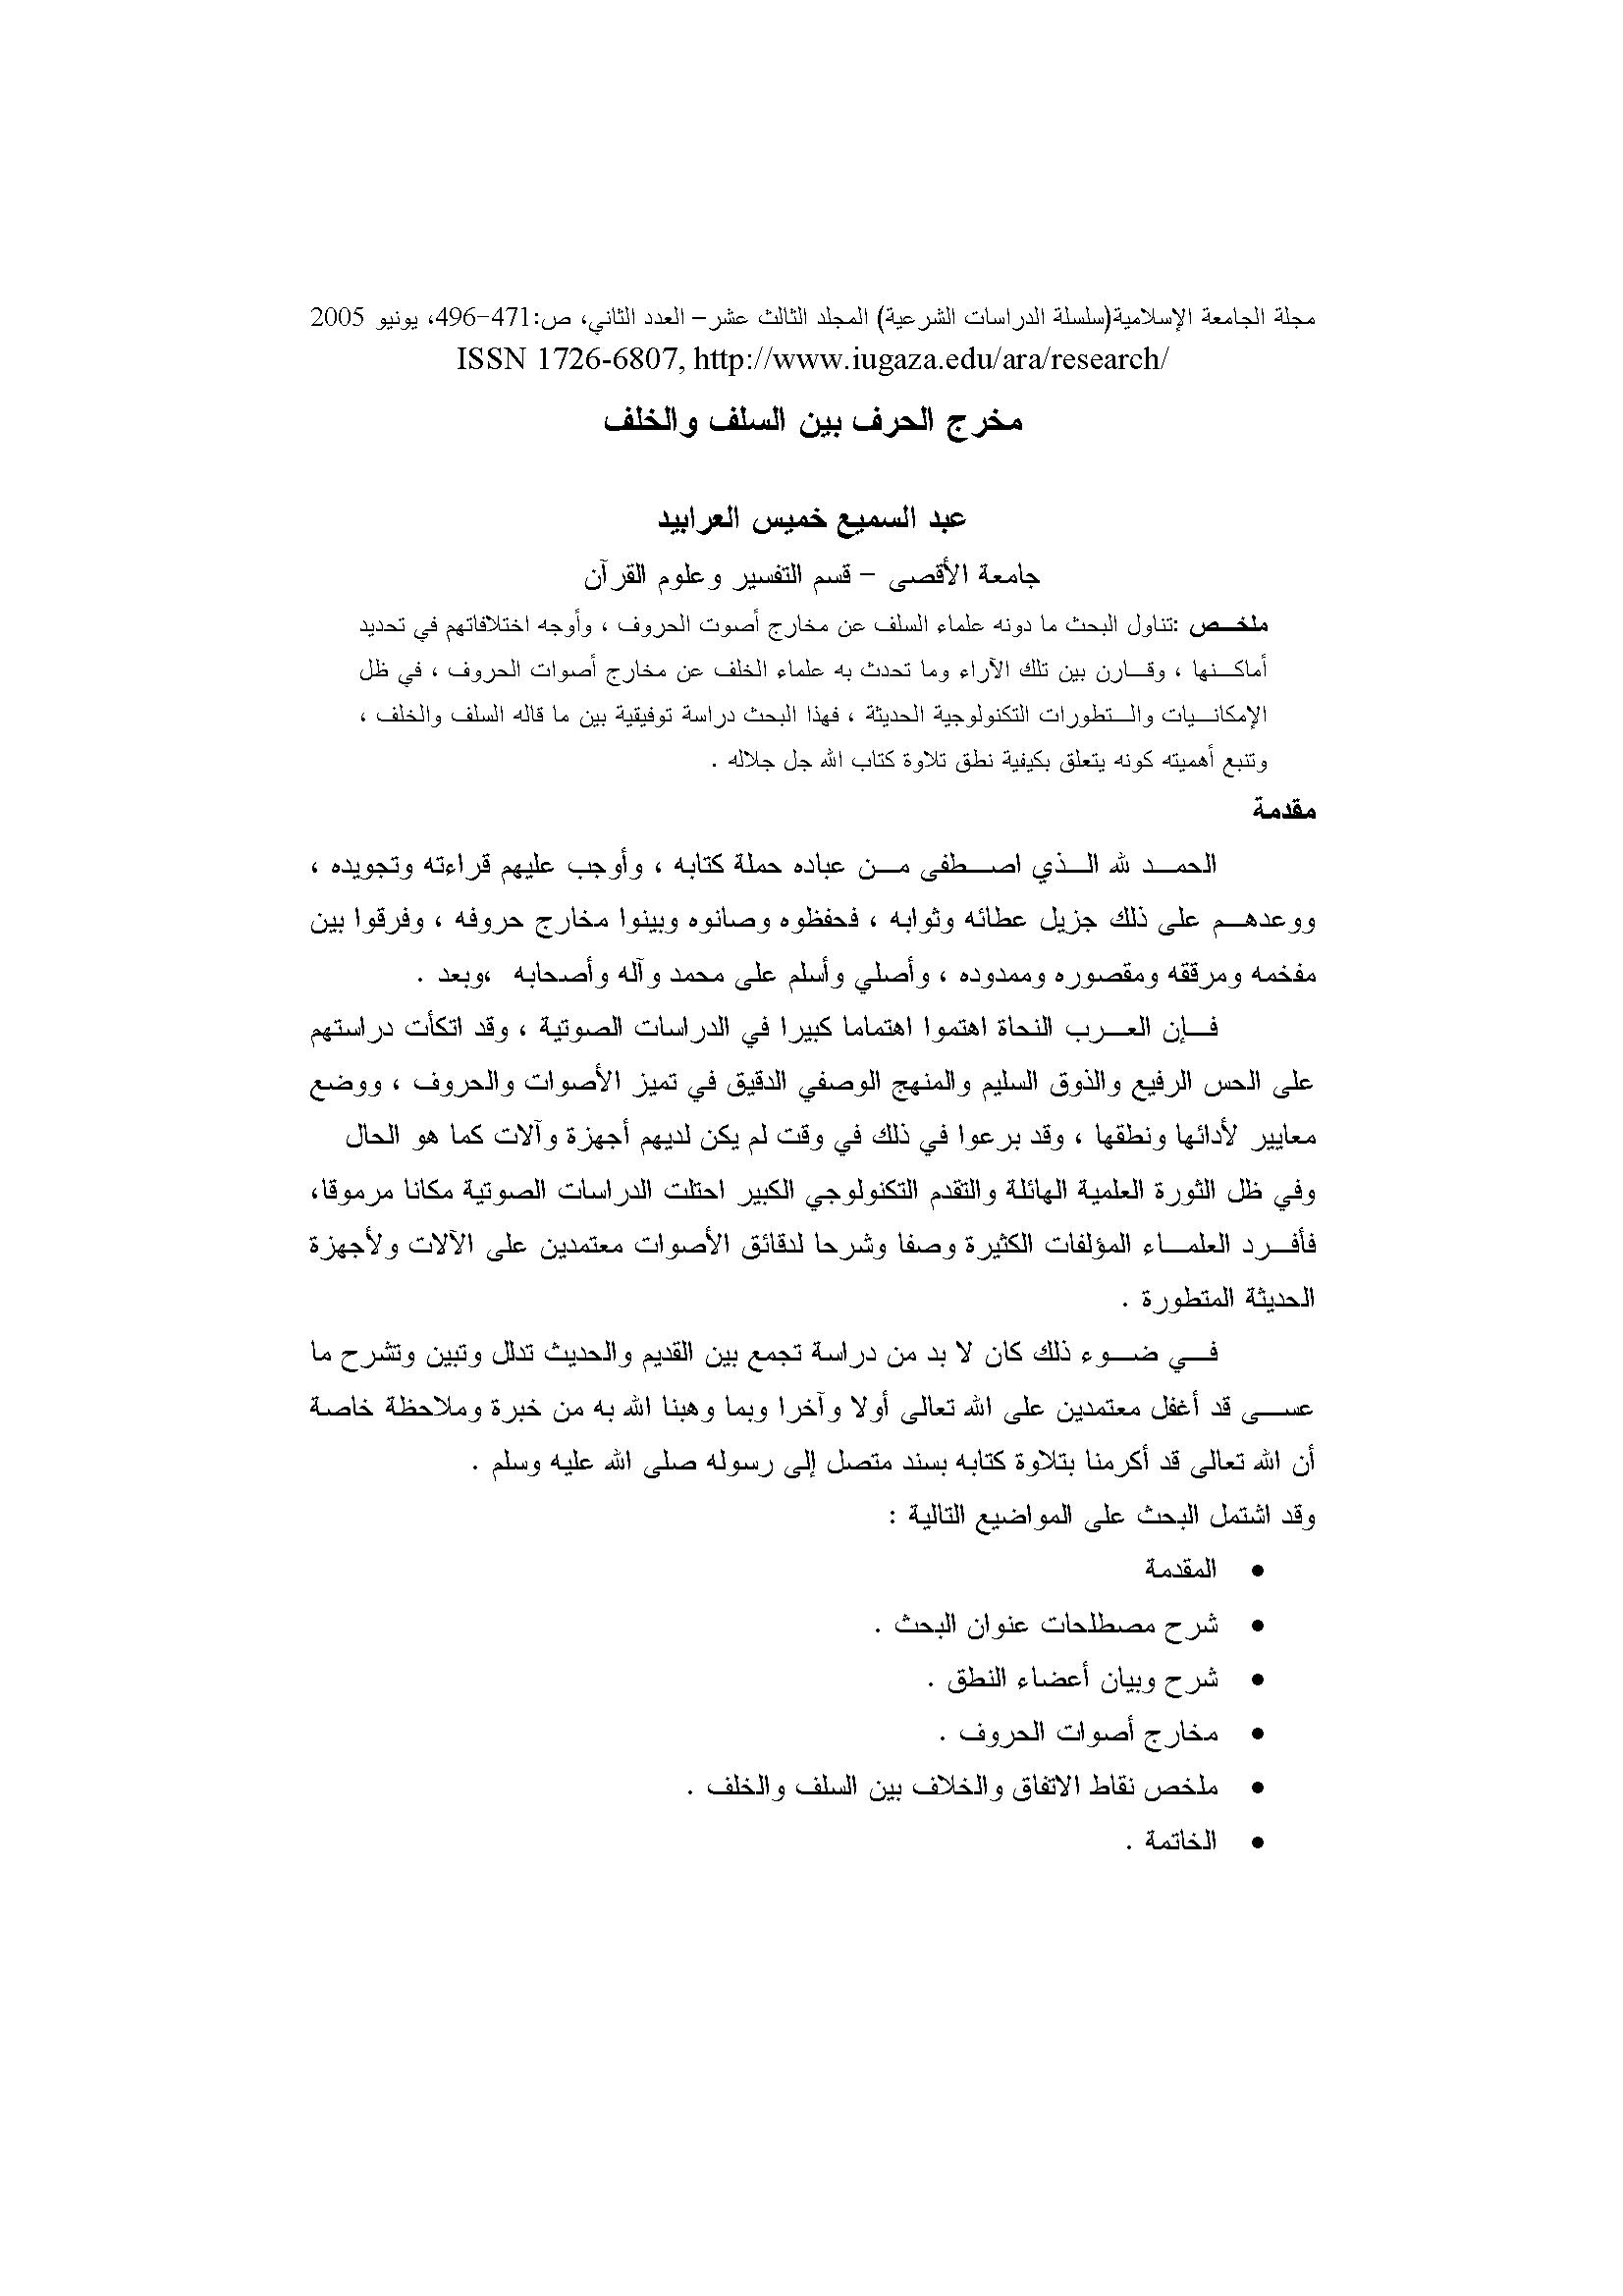 تحميل كتاب مخرج الحرف بين السلف والخلف لـِ: الدكتور عبد السميع خميس إبراهيم العرابيد